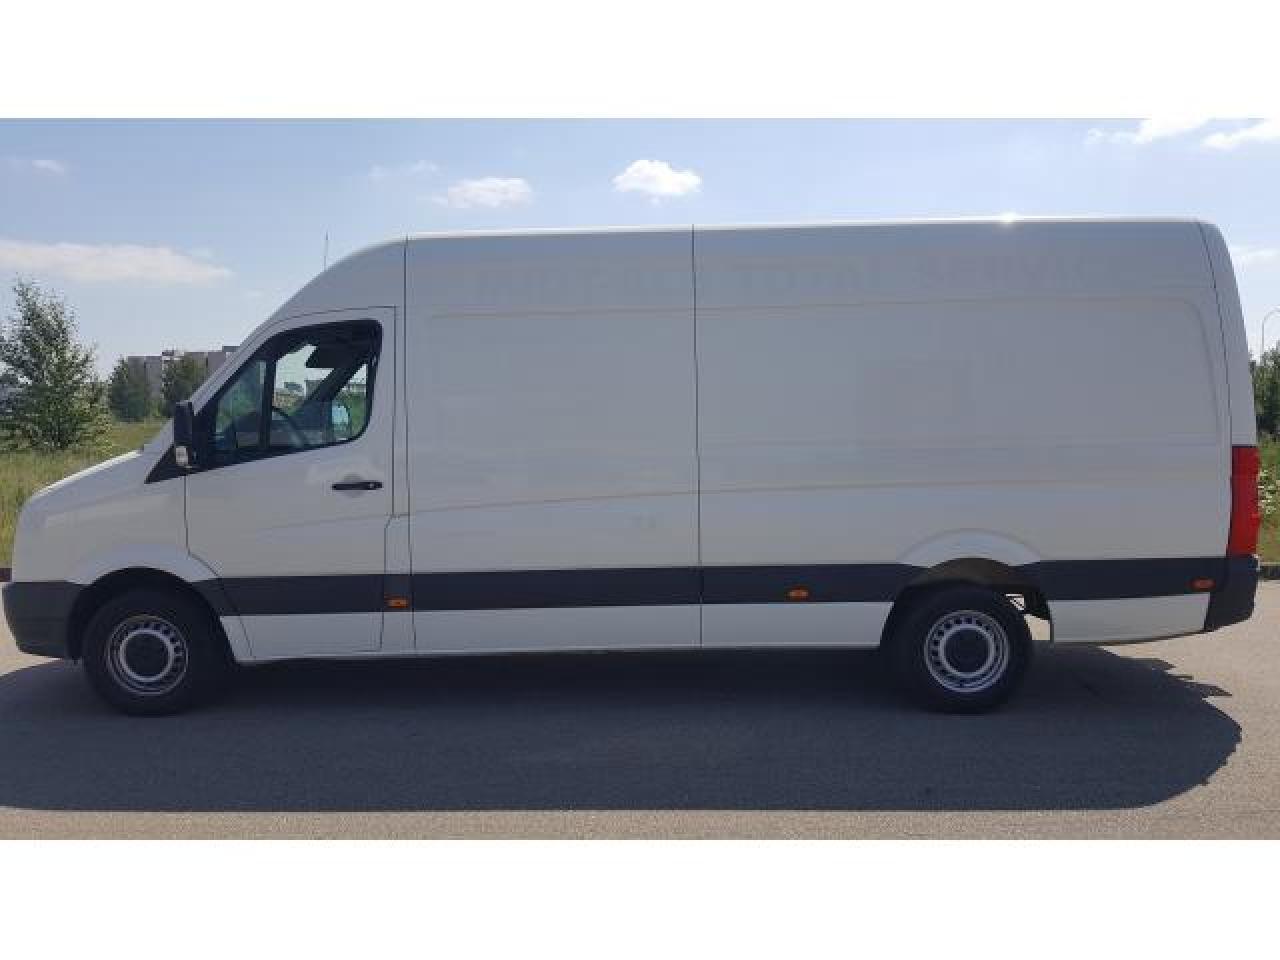 Доставка посылок и грузов Латвия - Англия - Латвия - 4